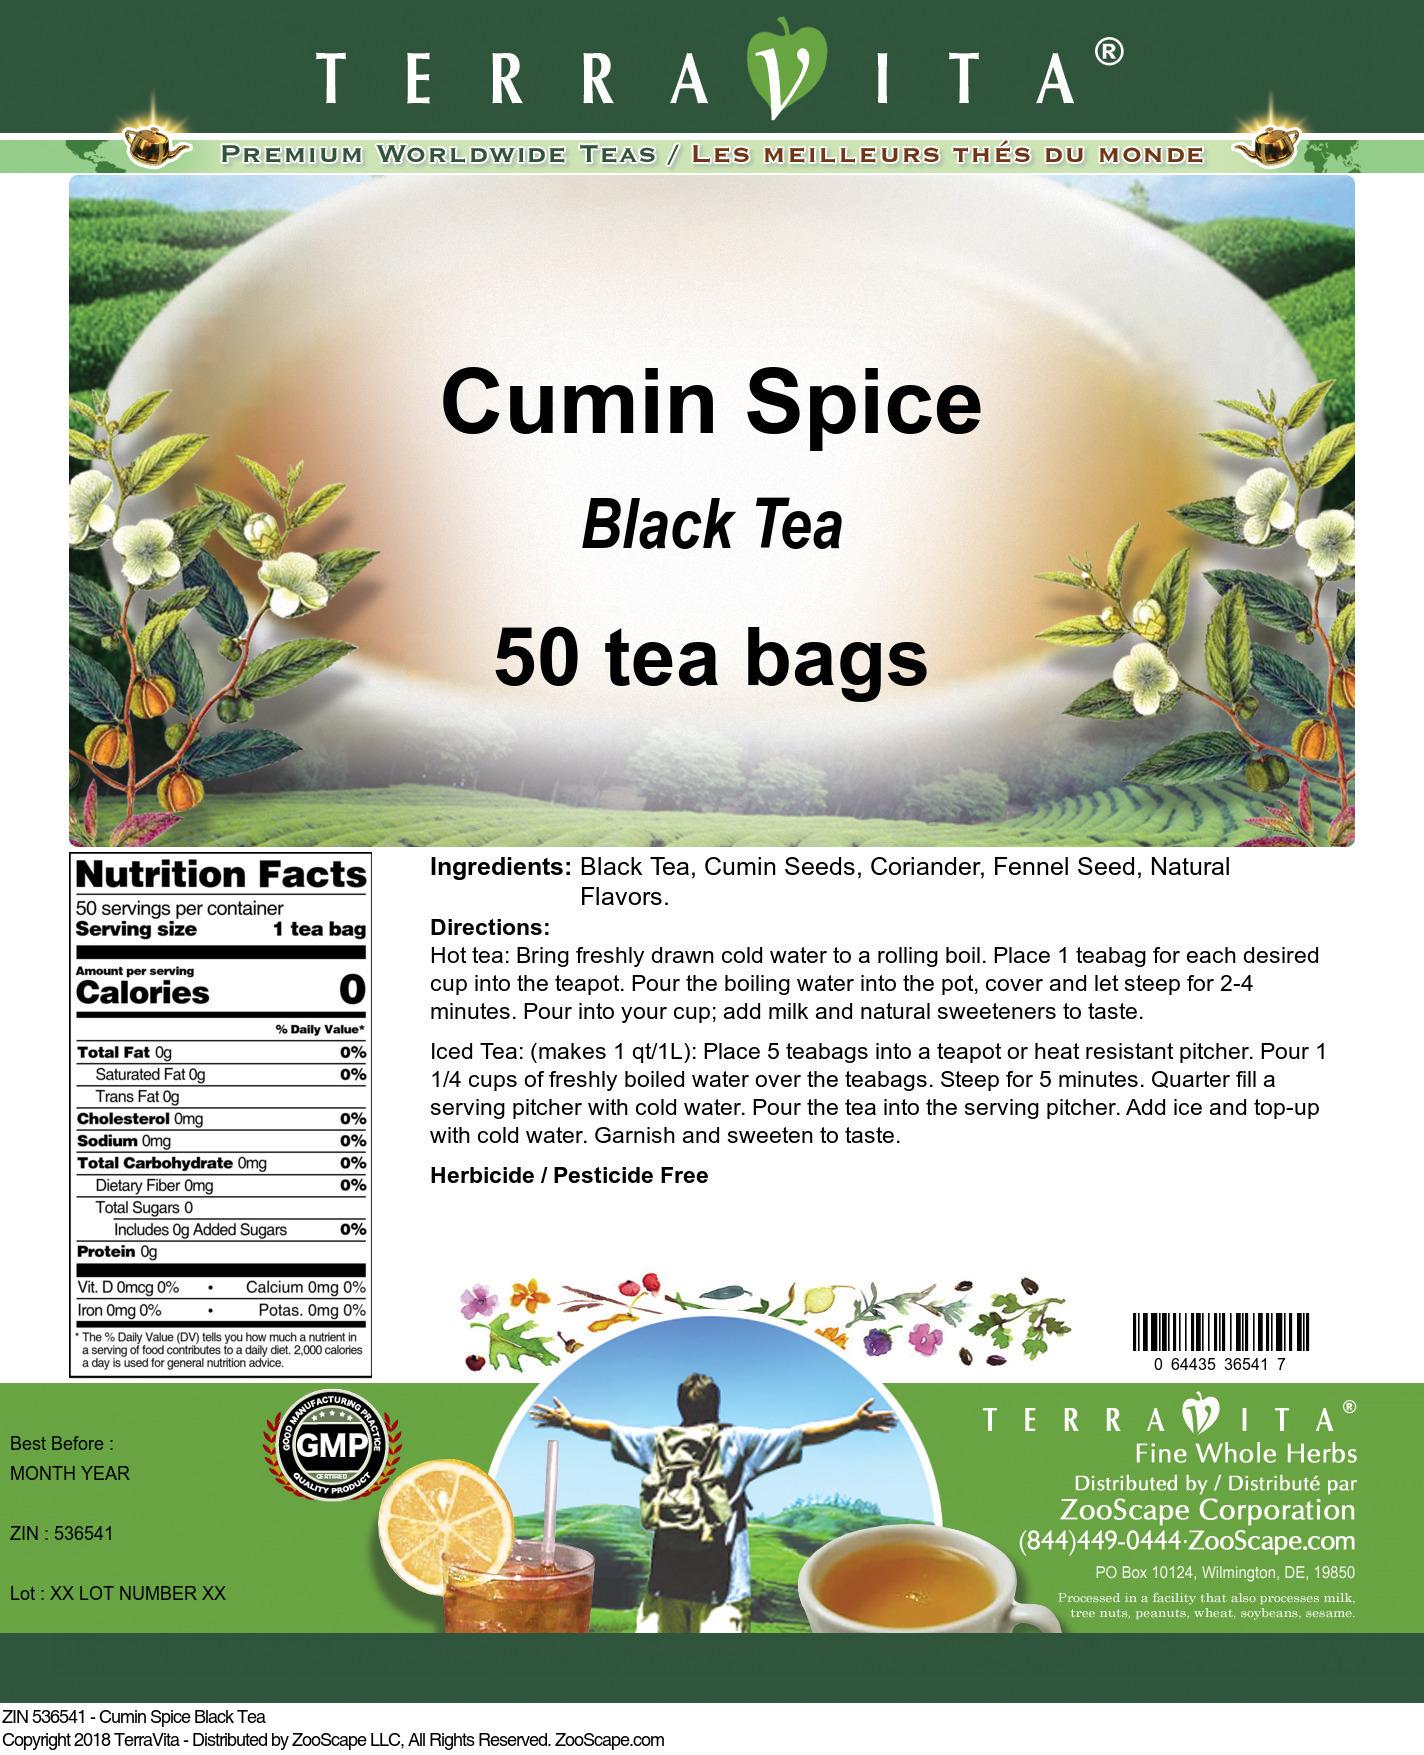 Cumin Spice Black Tea